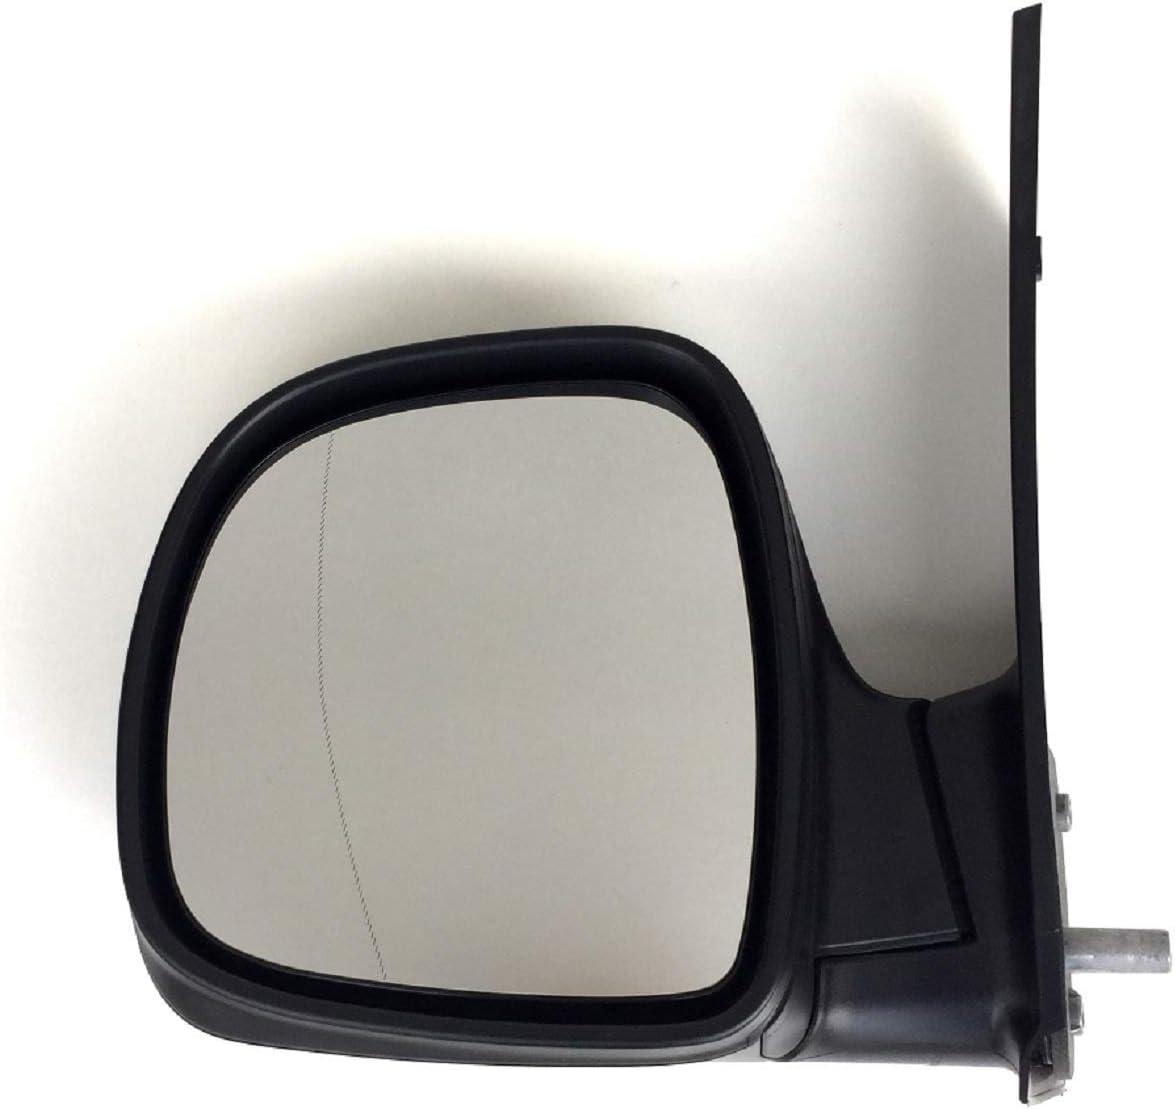 Pro!Carpentis Spiegel Aussenspiegel links kompatibel mit Vito W 639 bis 09//2010 NICHT beheizbar manuell verstellbar schwarze Kappe KEINE Wagenfarbe